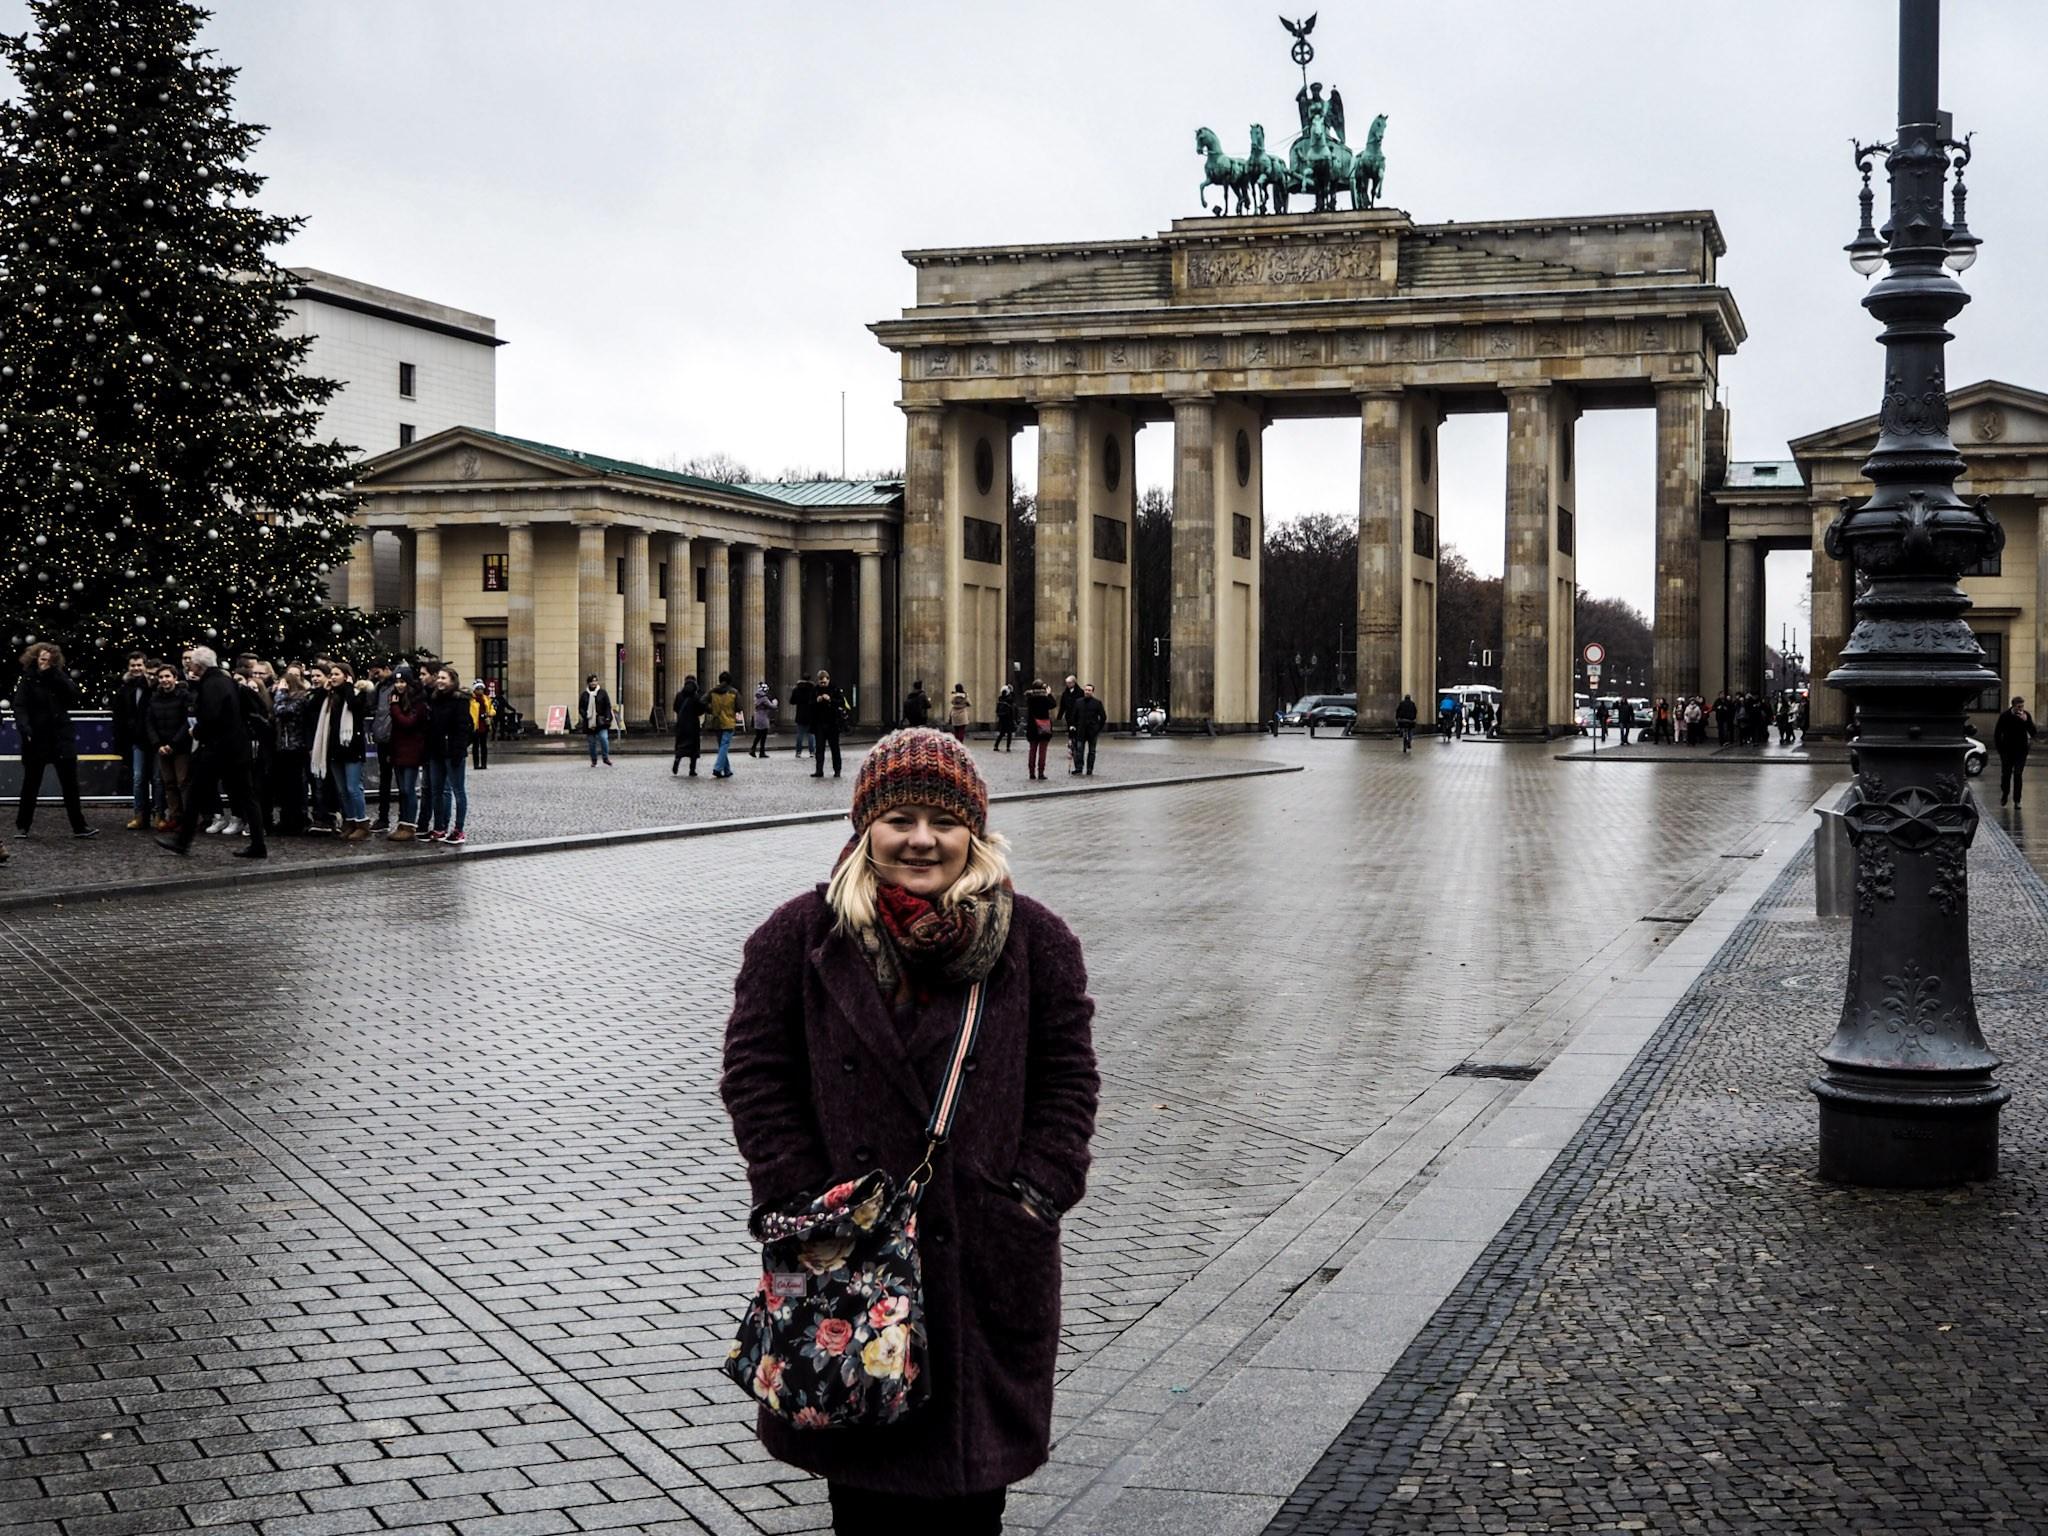 Рождественское Чудо в Берлине и чем помогла нам сим-карта Глобалсим Директ